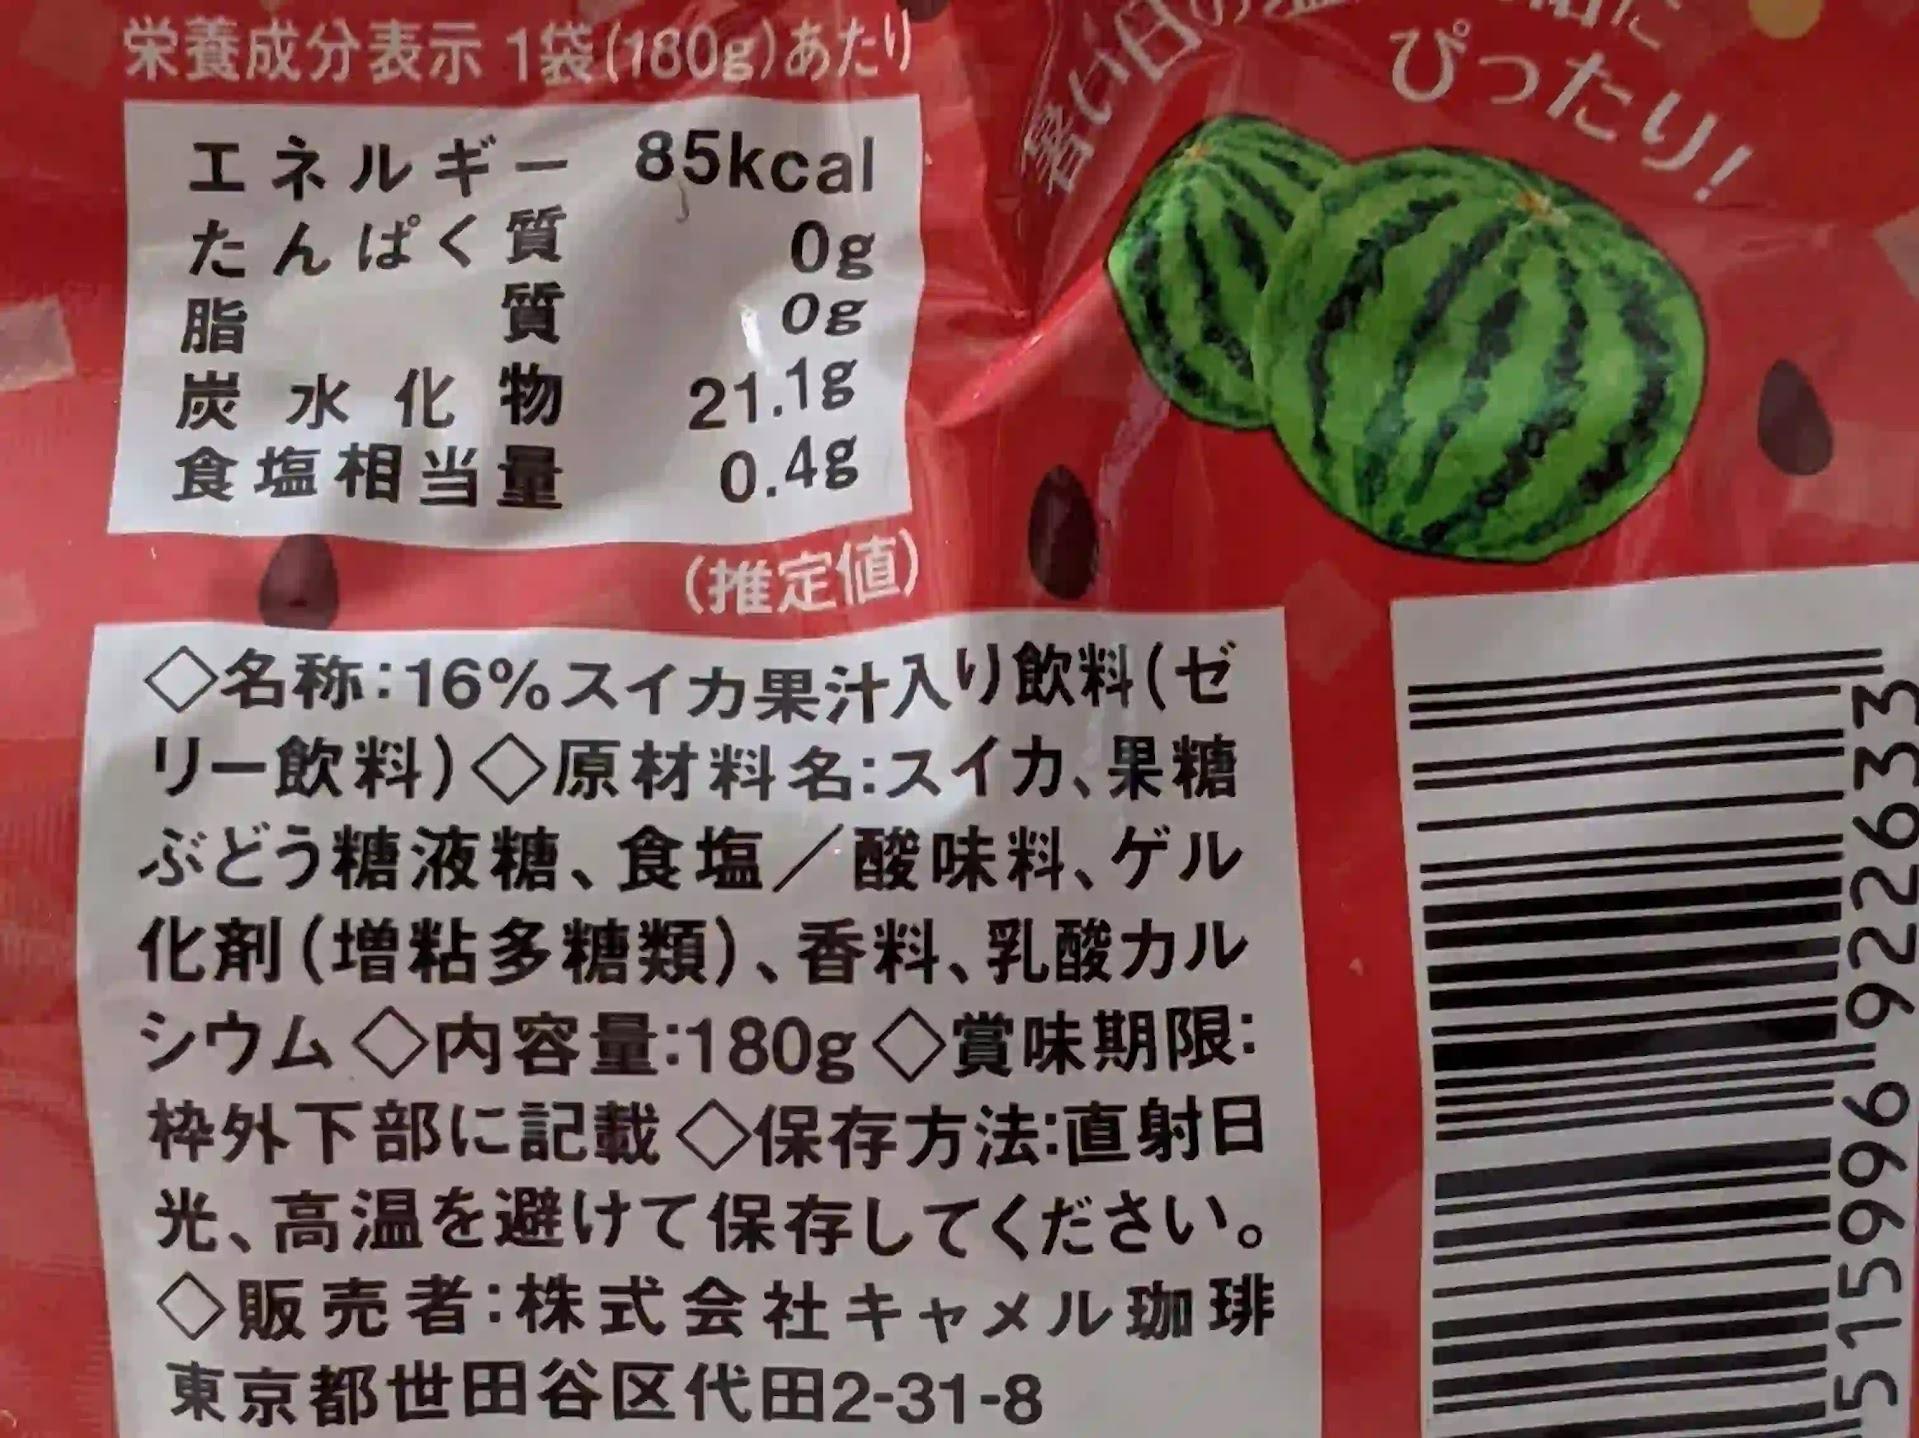 カルディ 塩スイカゼリー 栄養成分表示